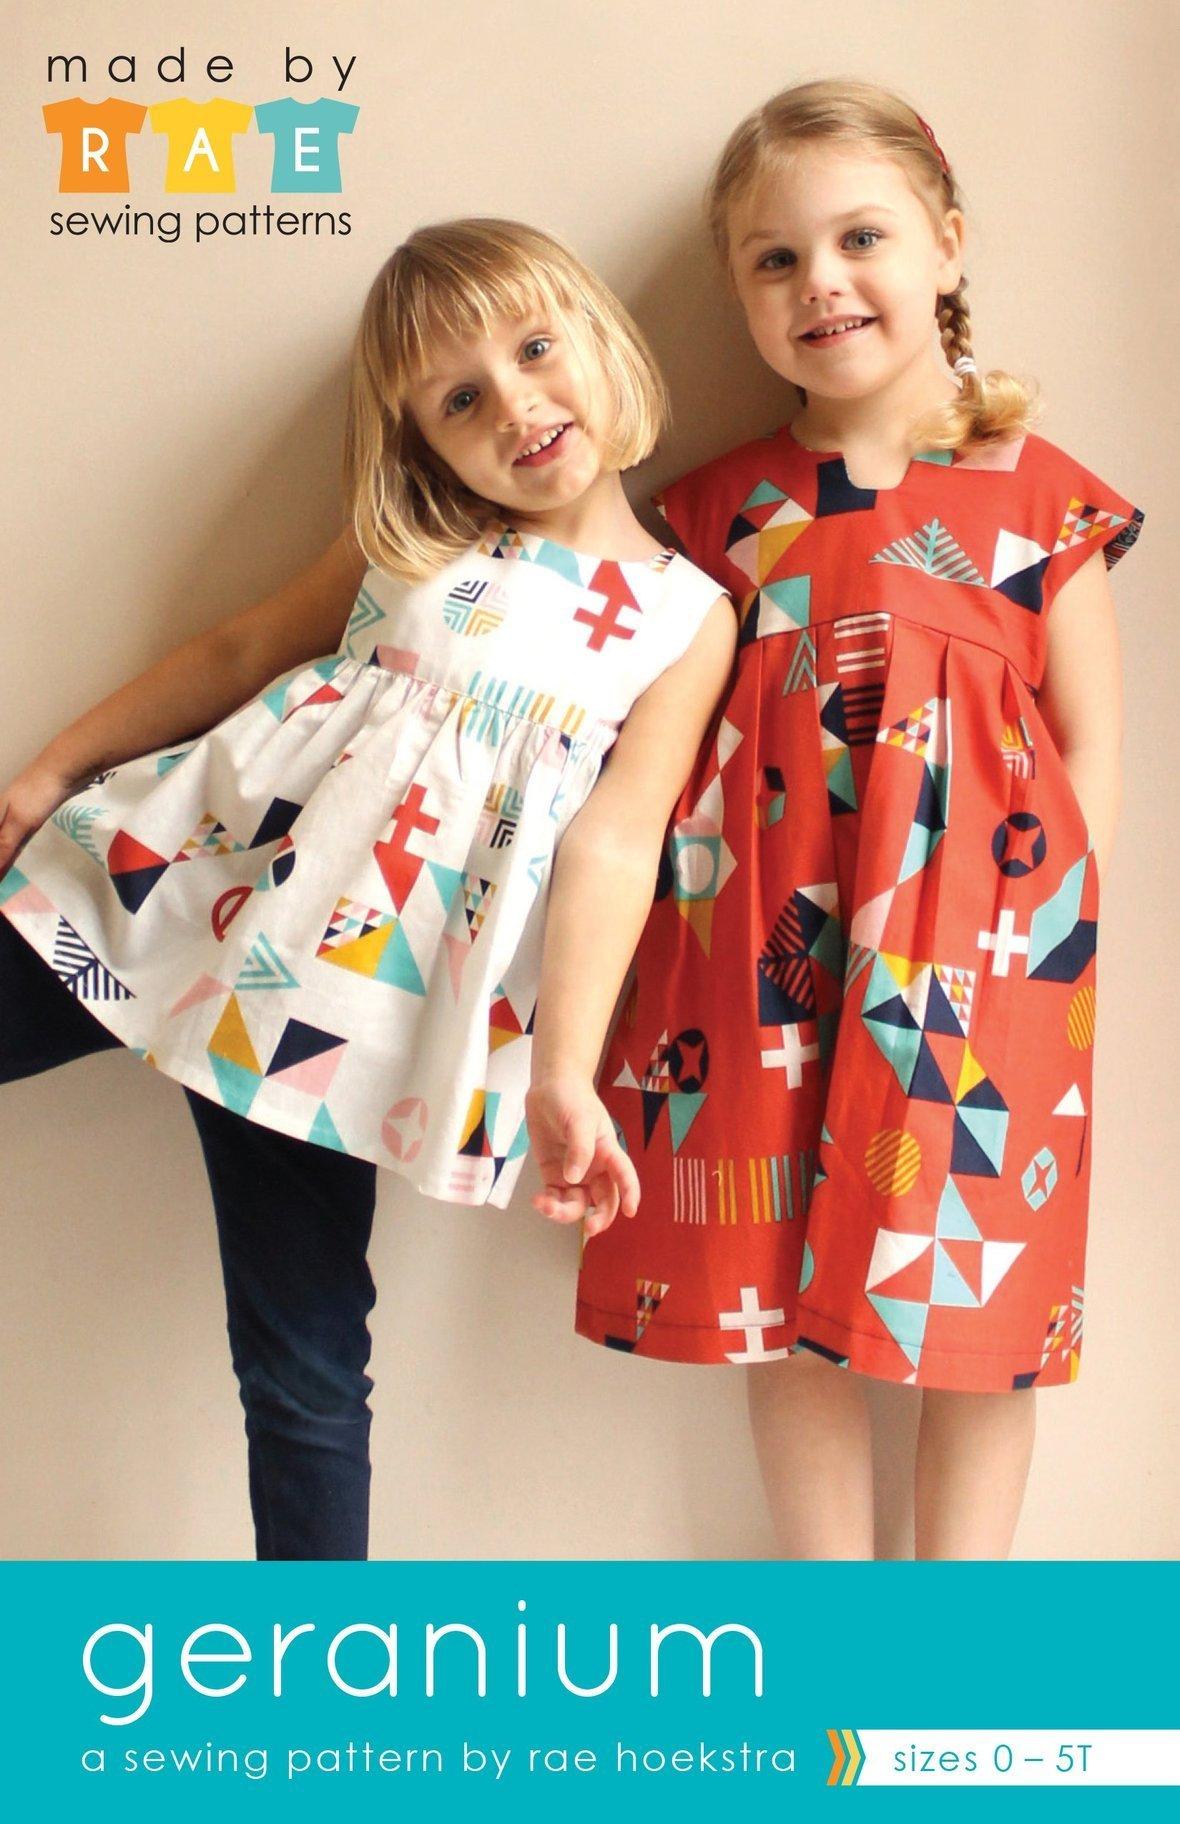 made by rae toddler geranium dress sewing pattern